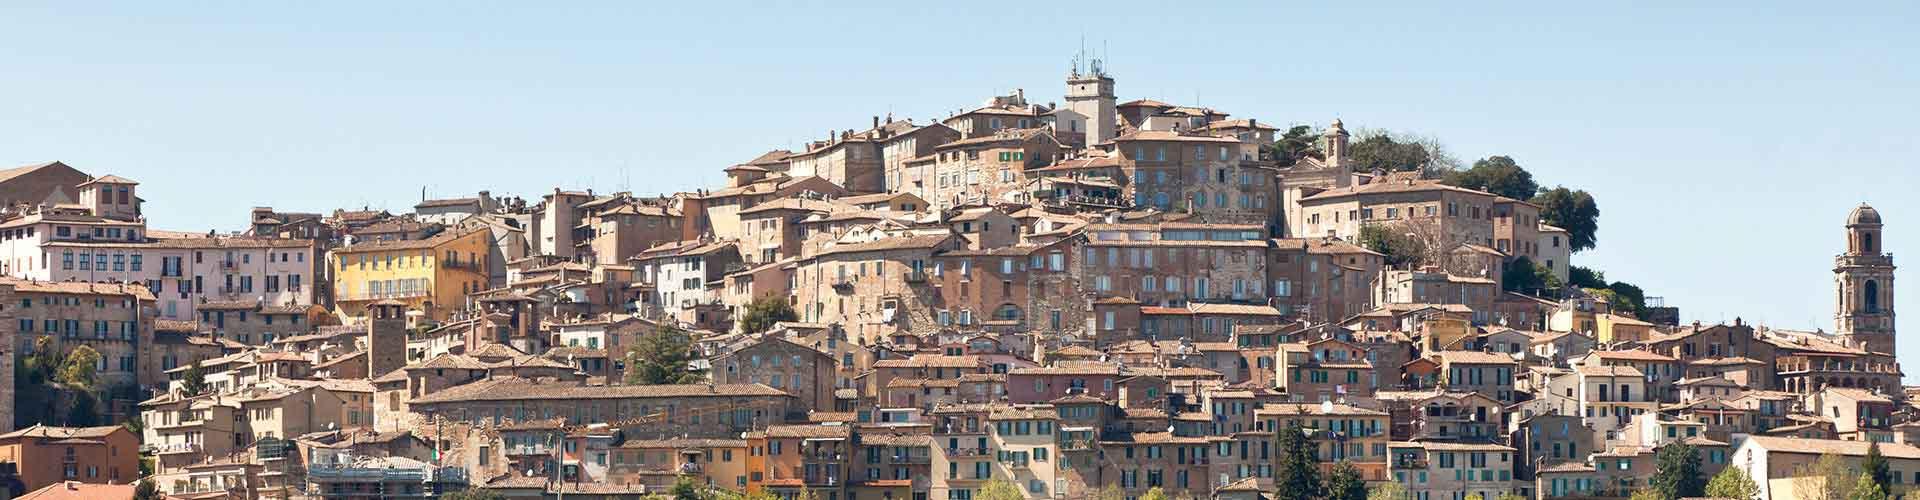 Perugia - Habitaciones en Perugia. Mapas de Perugia, Fotos y comentarios de cada Habitación en Perugia.